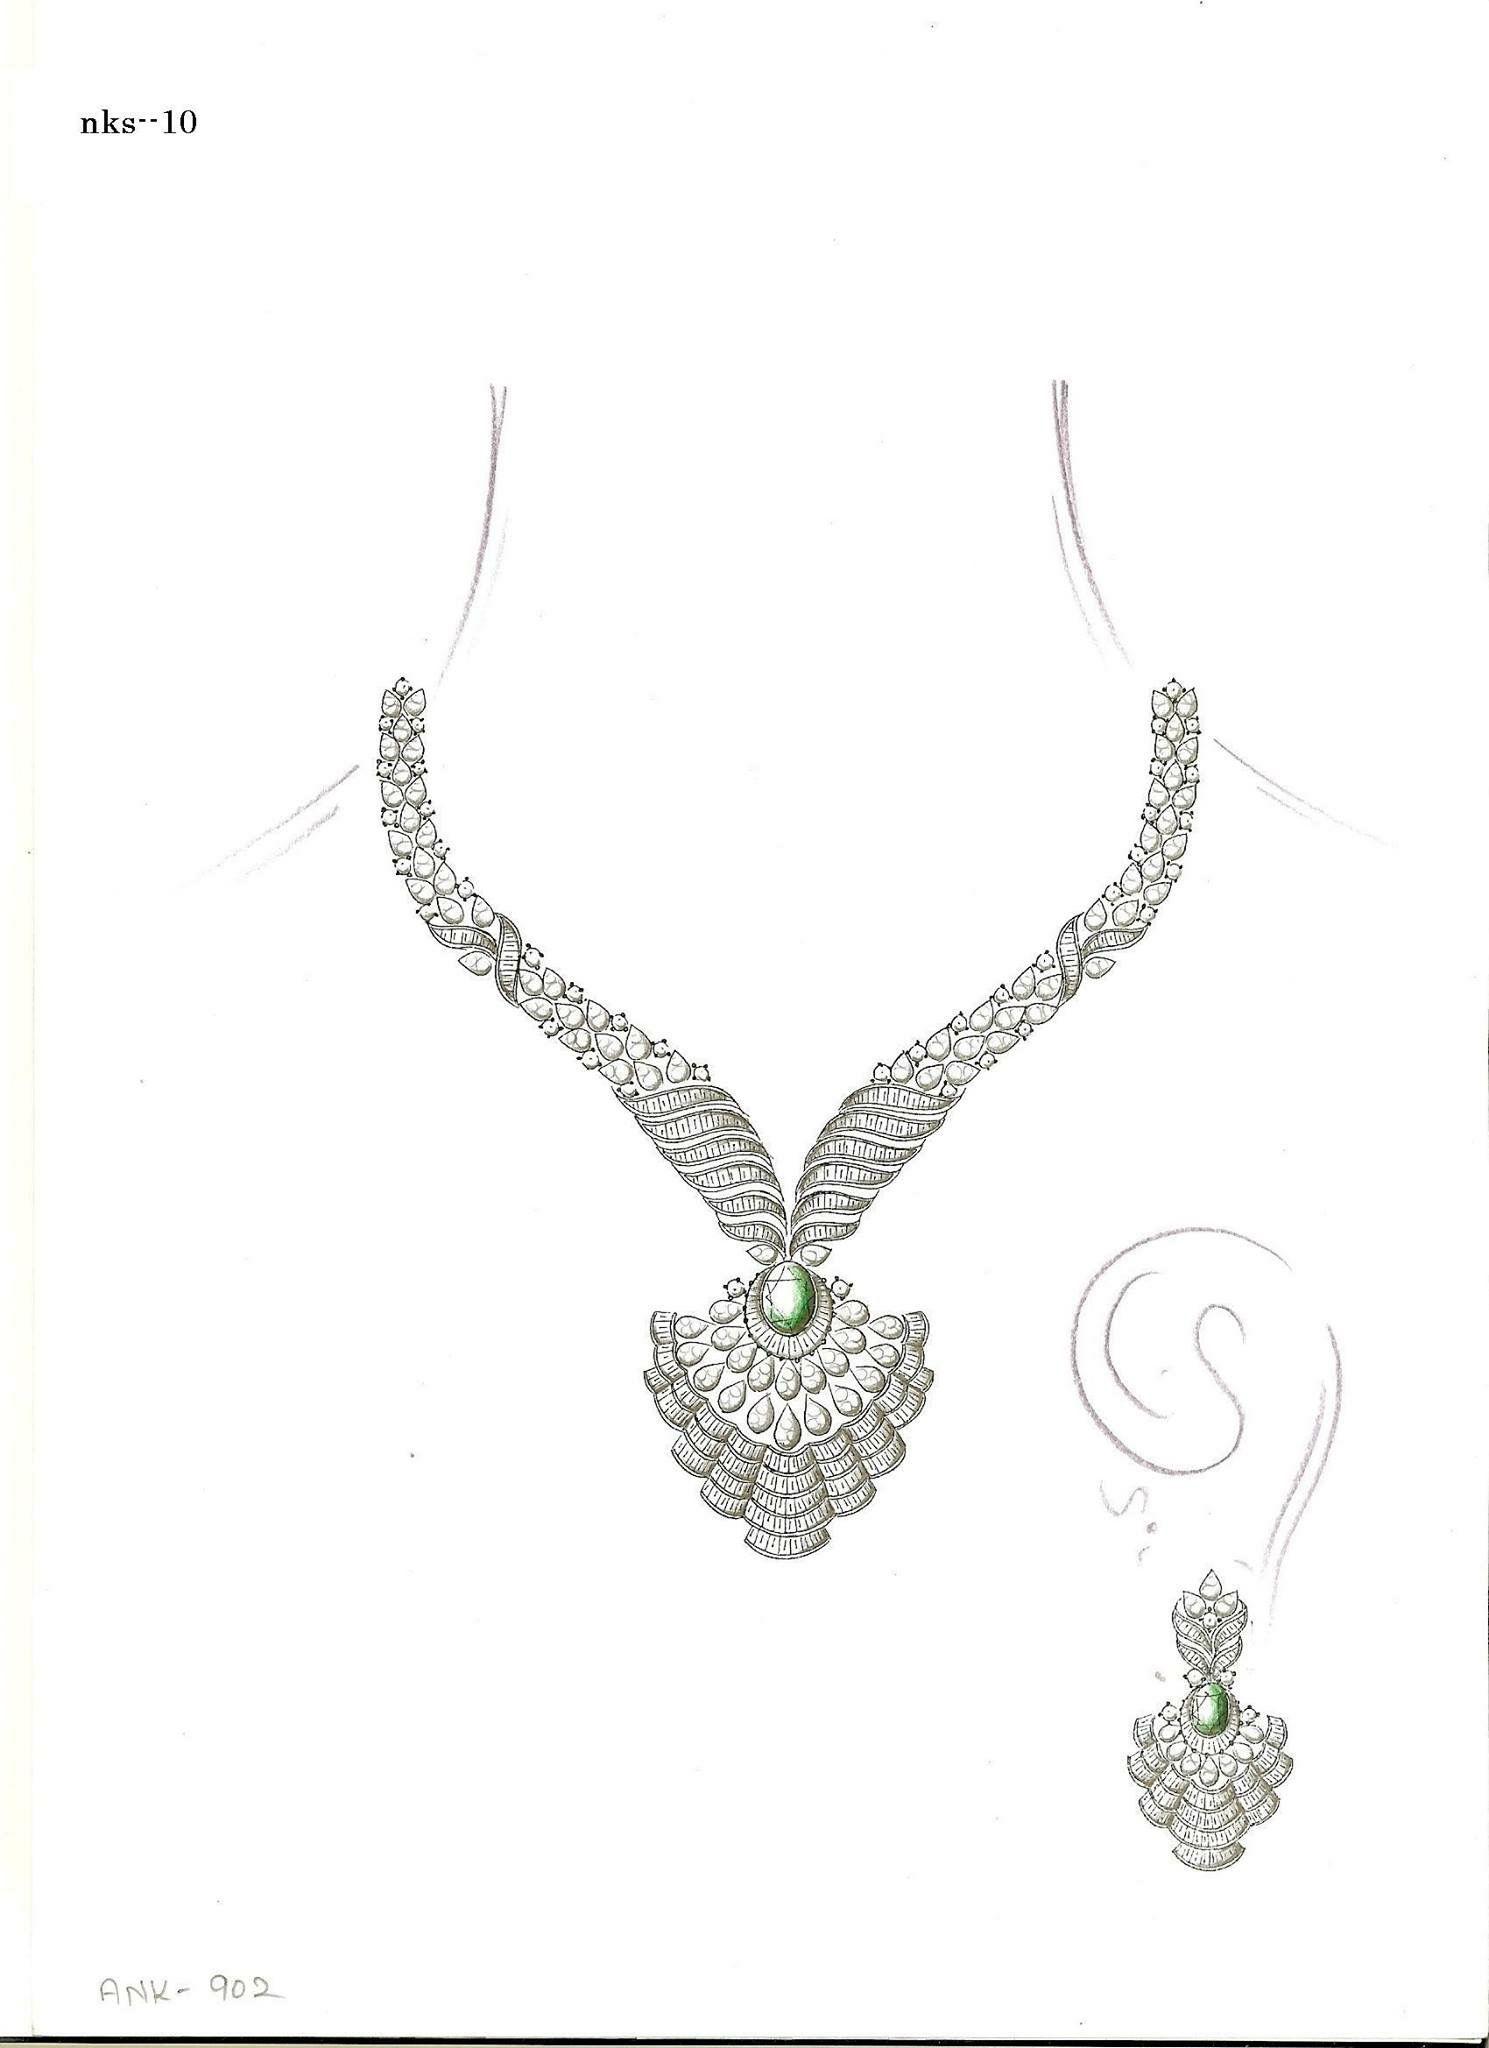 Pin by Janki Parekh on Jewelry | Jewelry, Jewelry drawing ...